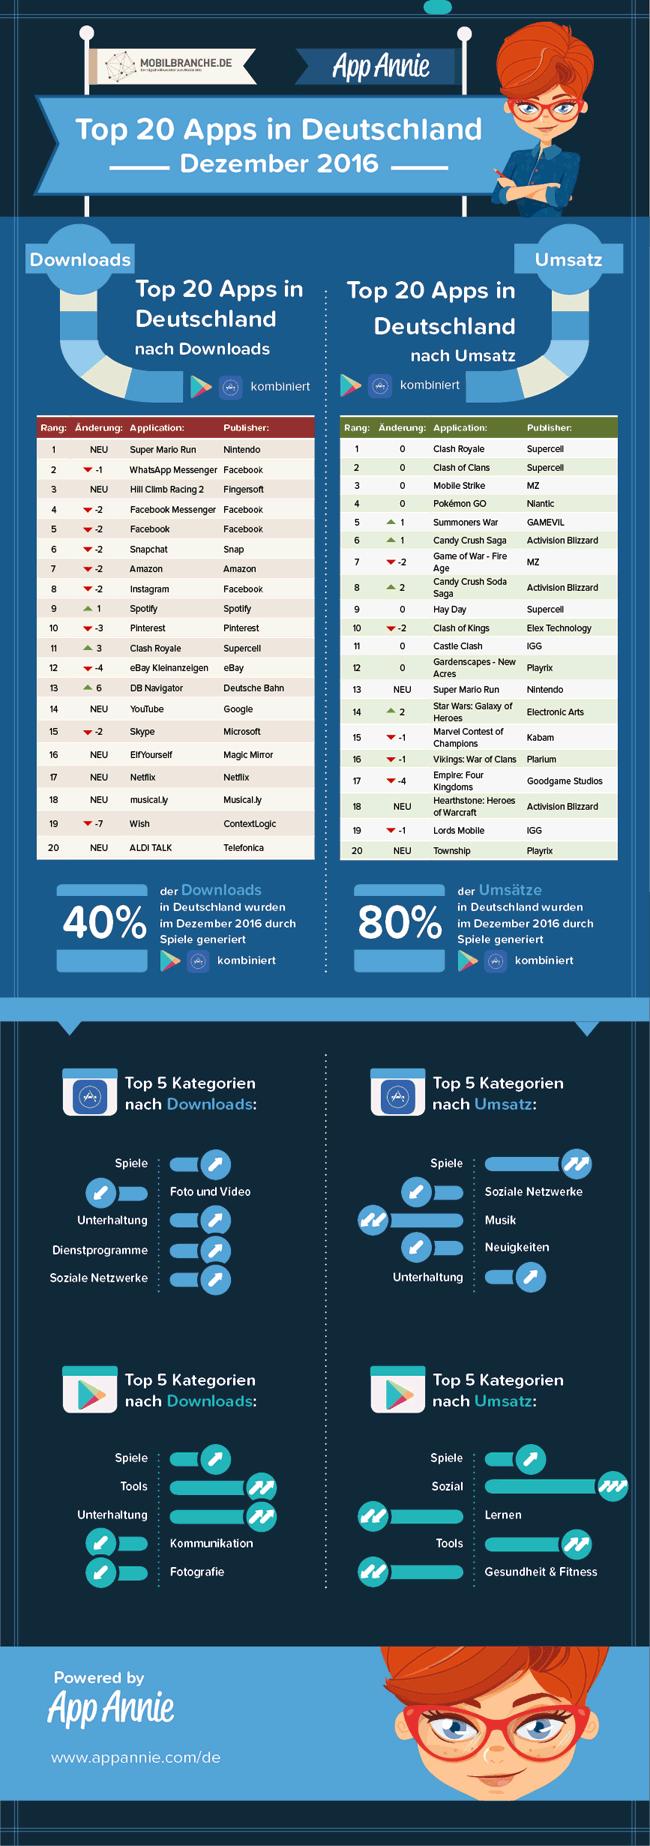 Top 20 Apps Dezember 2016